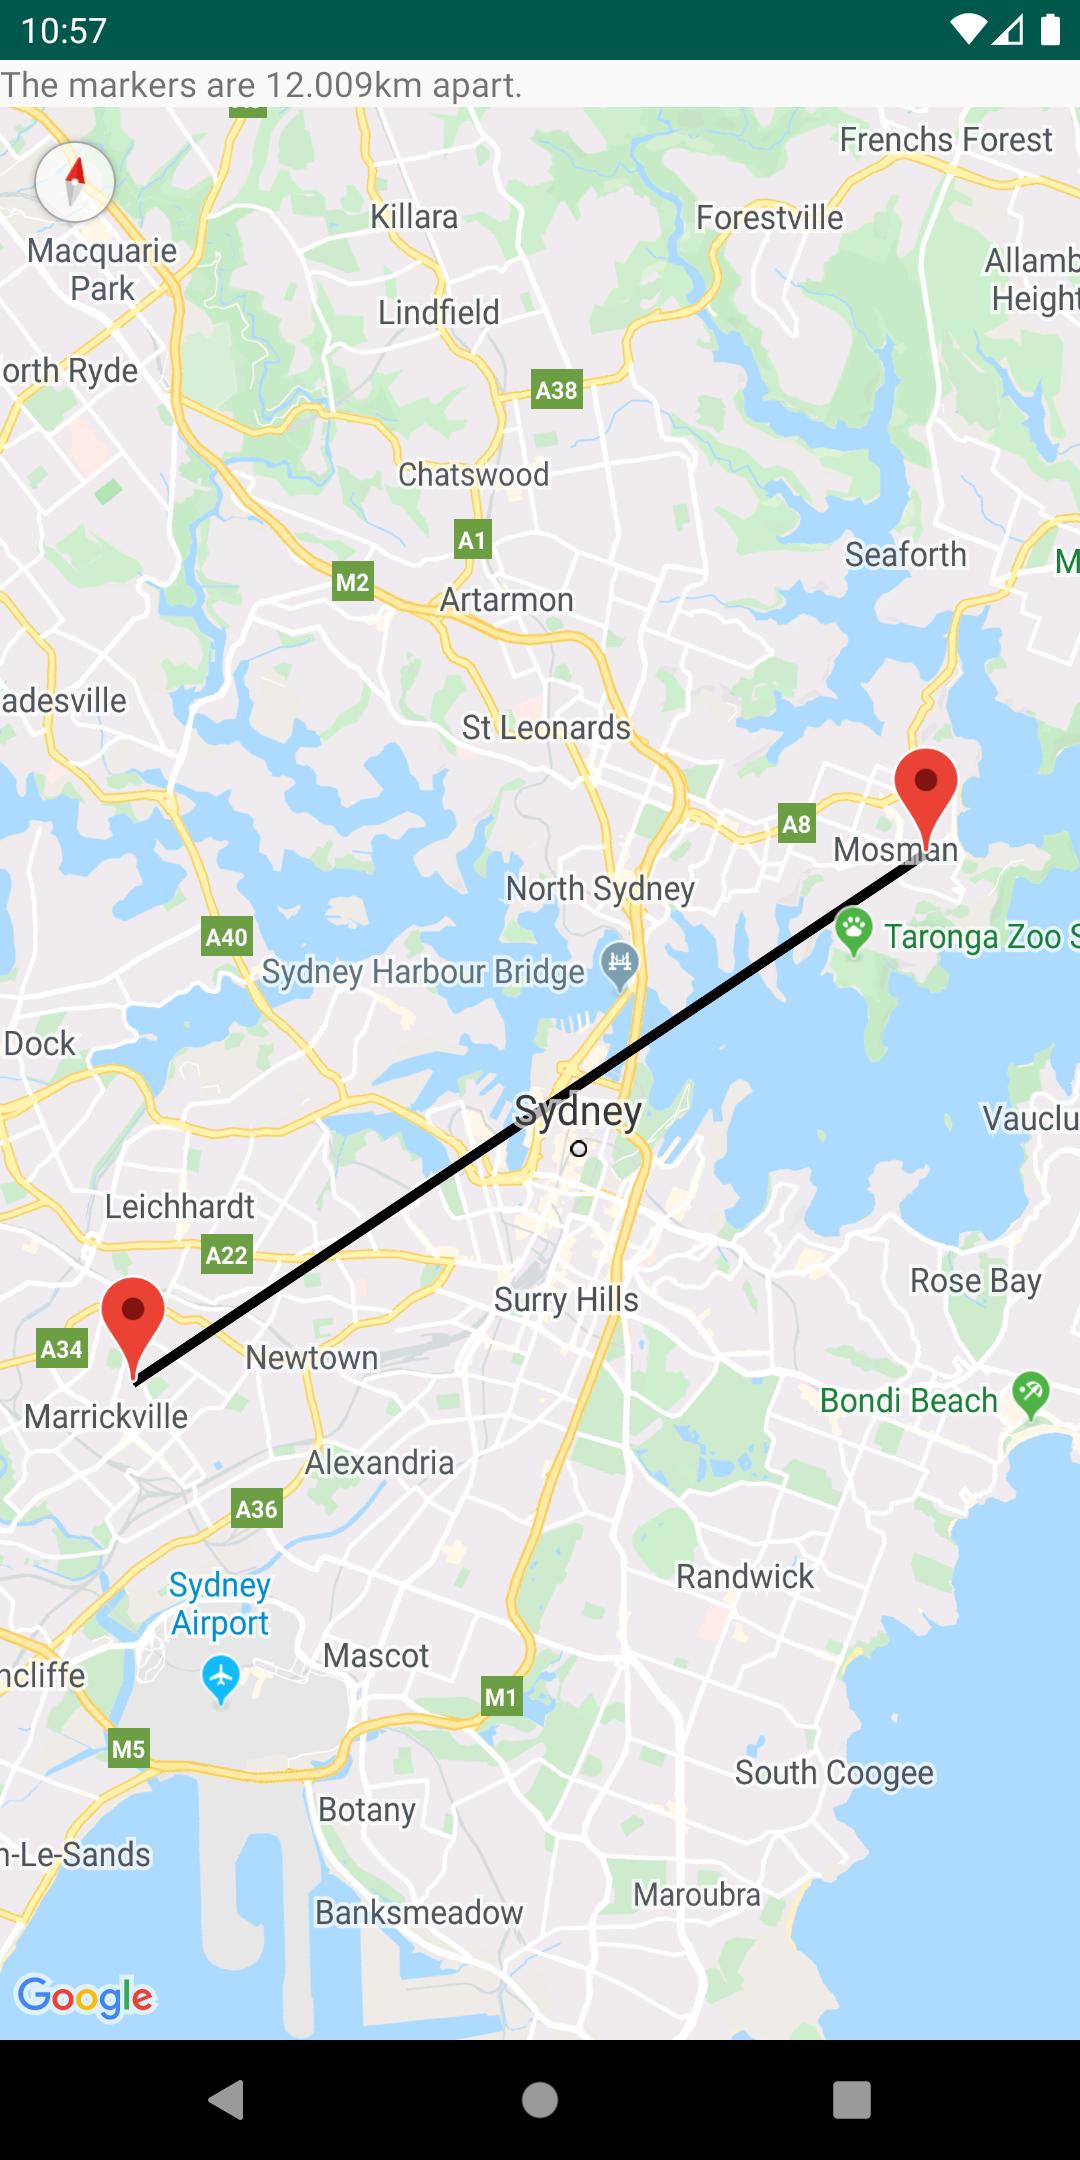 Jarak yang dihitung antara dua titik pada peta